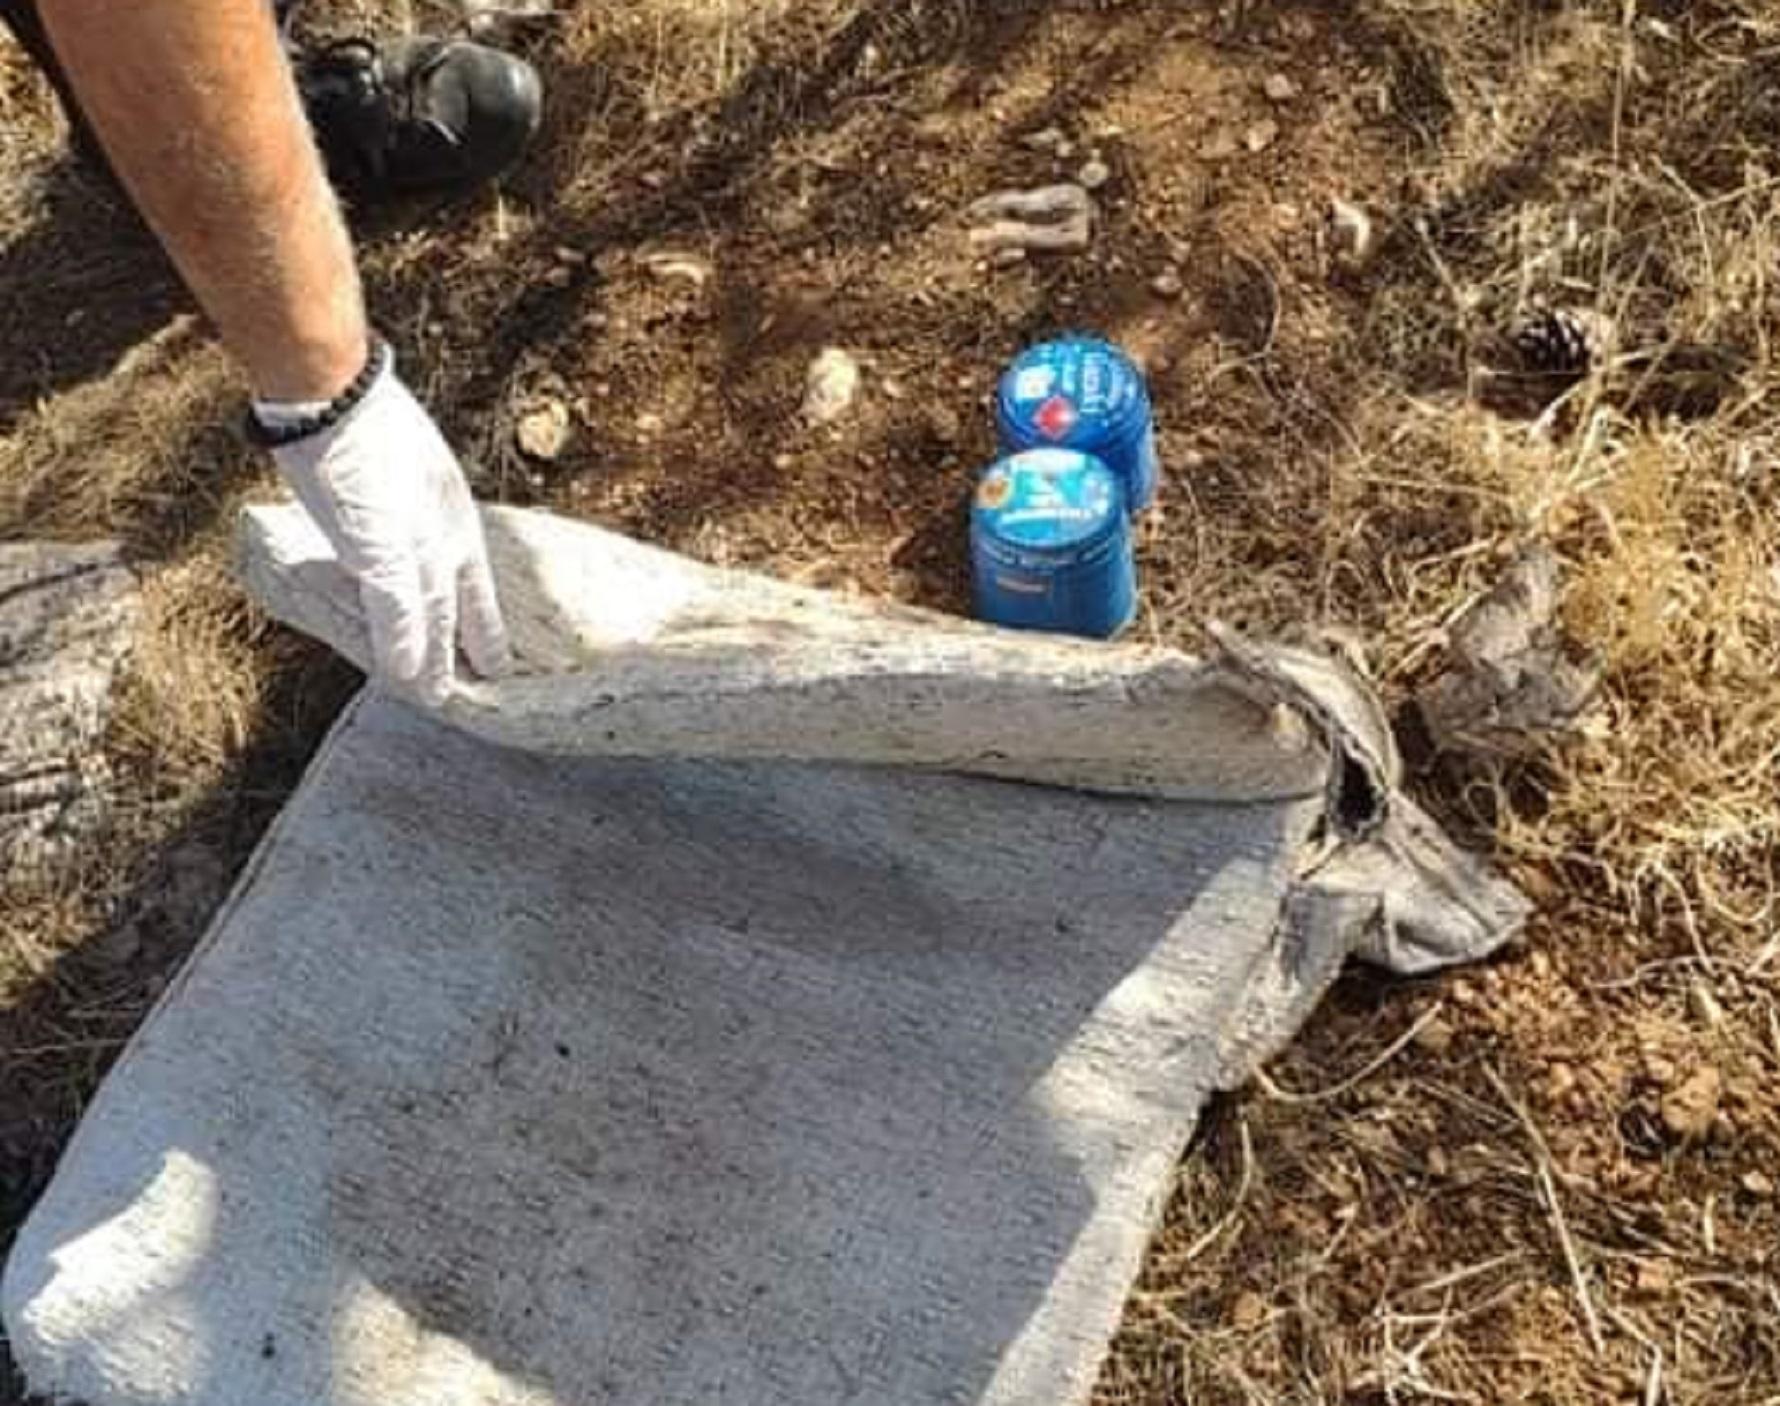 Αργυρούπολη: Βρέθηκαν γκαζάκια στο δάσος της πόλης – Σε συναγερμό οι αρχές δηλώνει ο δήμαρχος